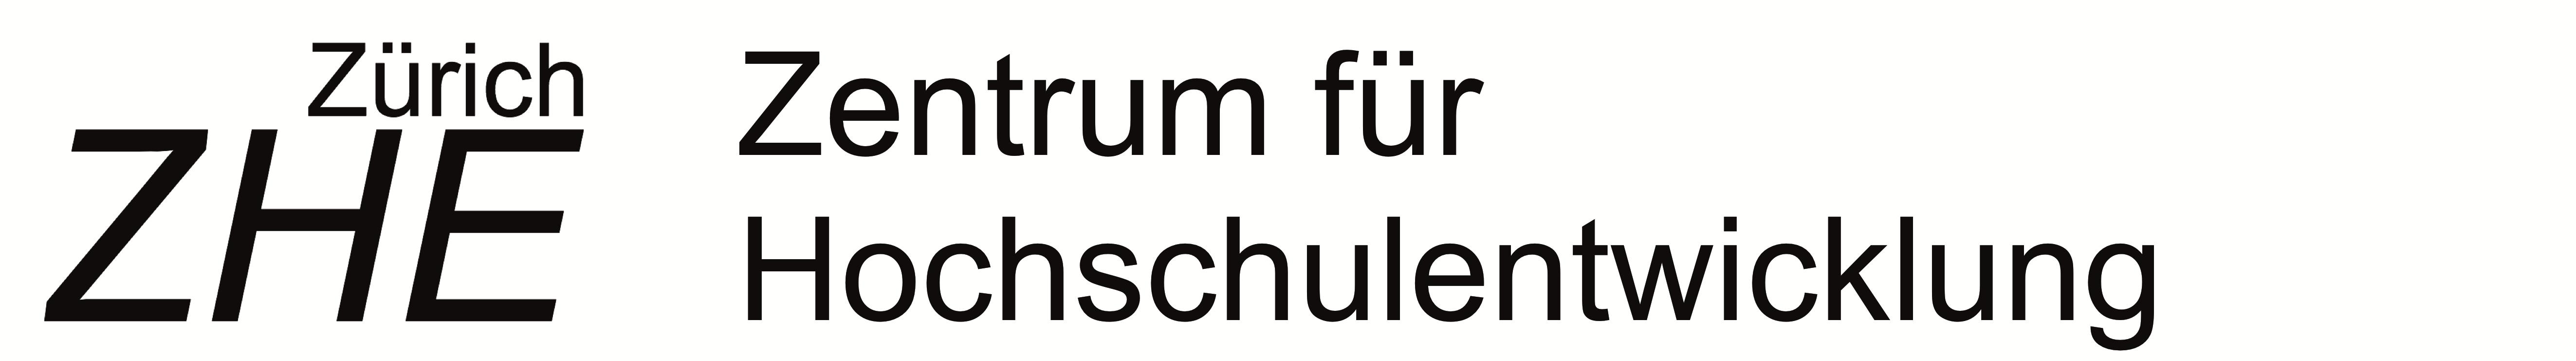 Logo ZHE Zürich – Zentrum für Hochschulentwicklung